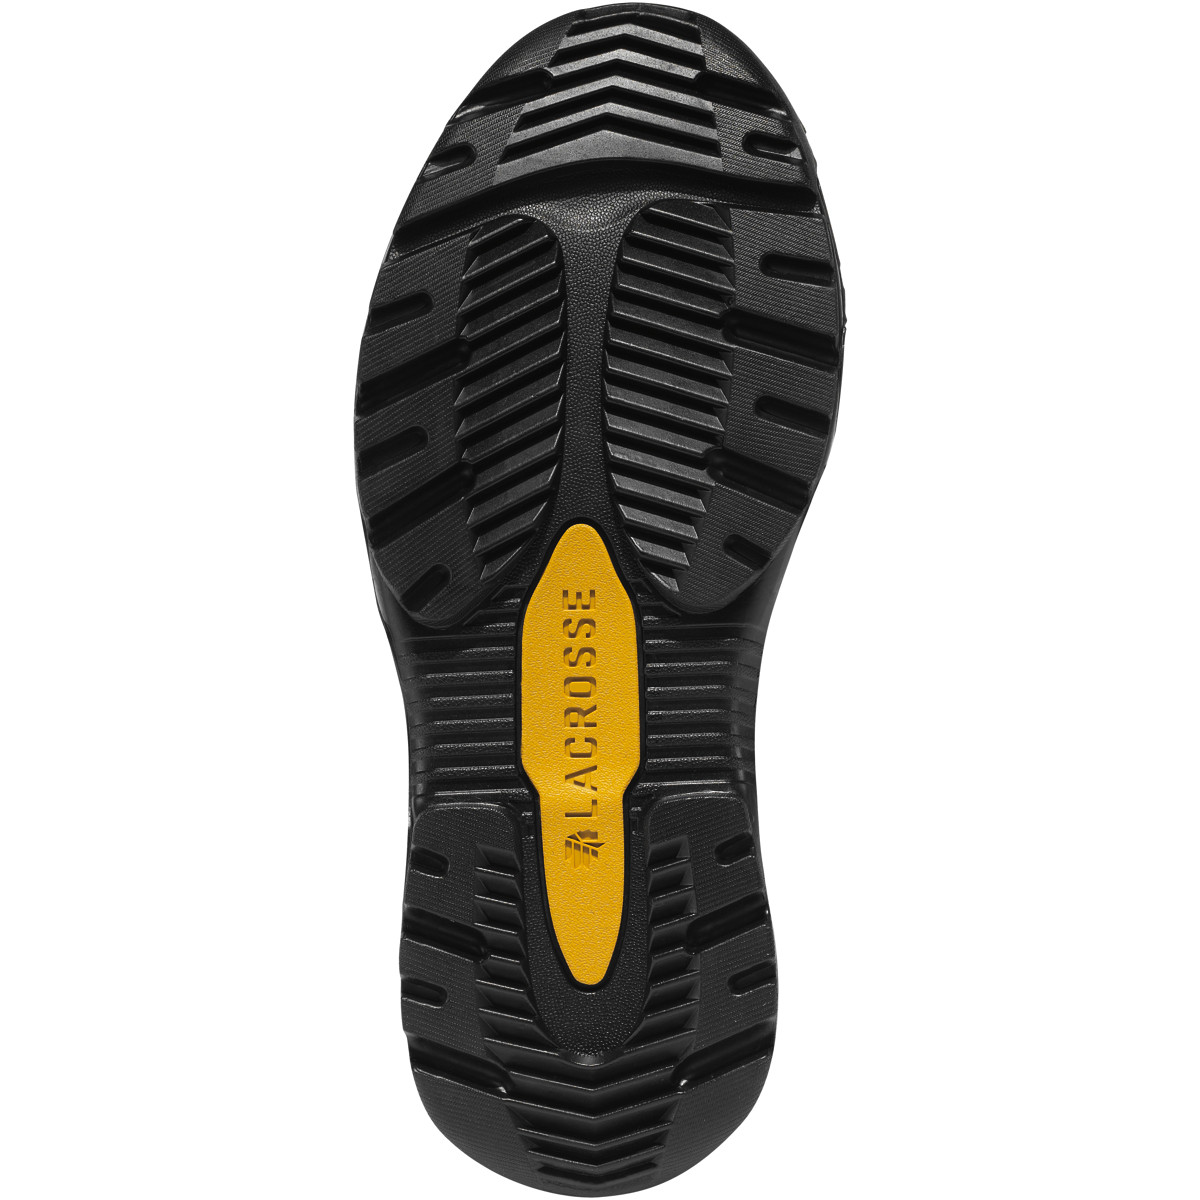 408a9411992 LaCrosse Footwear - AeroHead Realtree Xtra 7MM